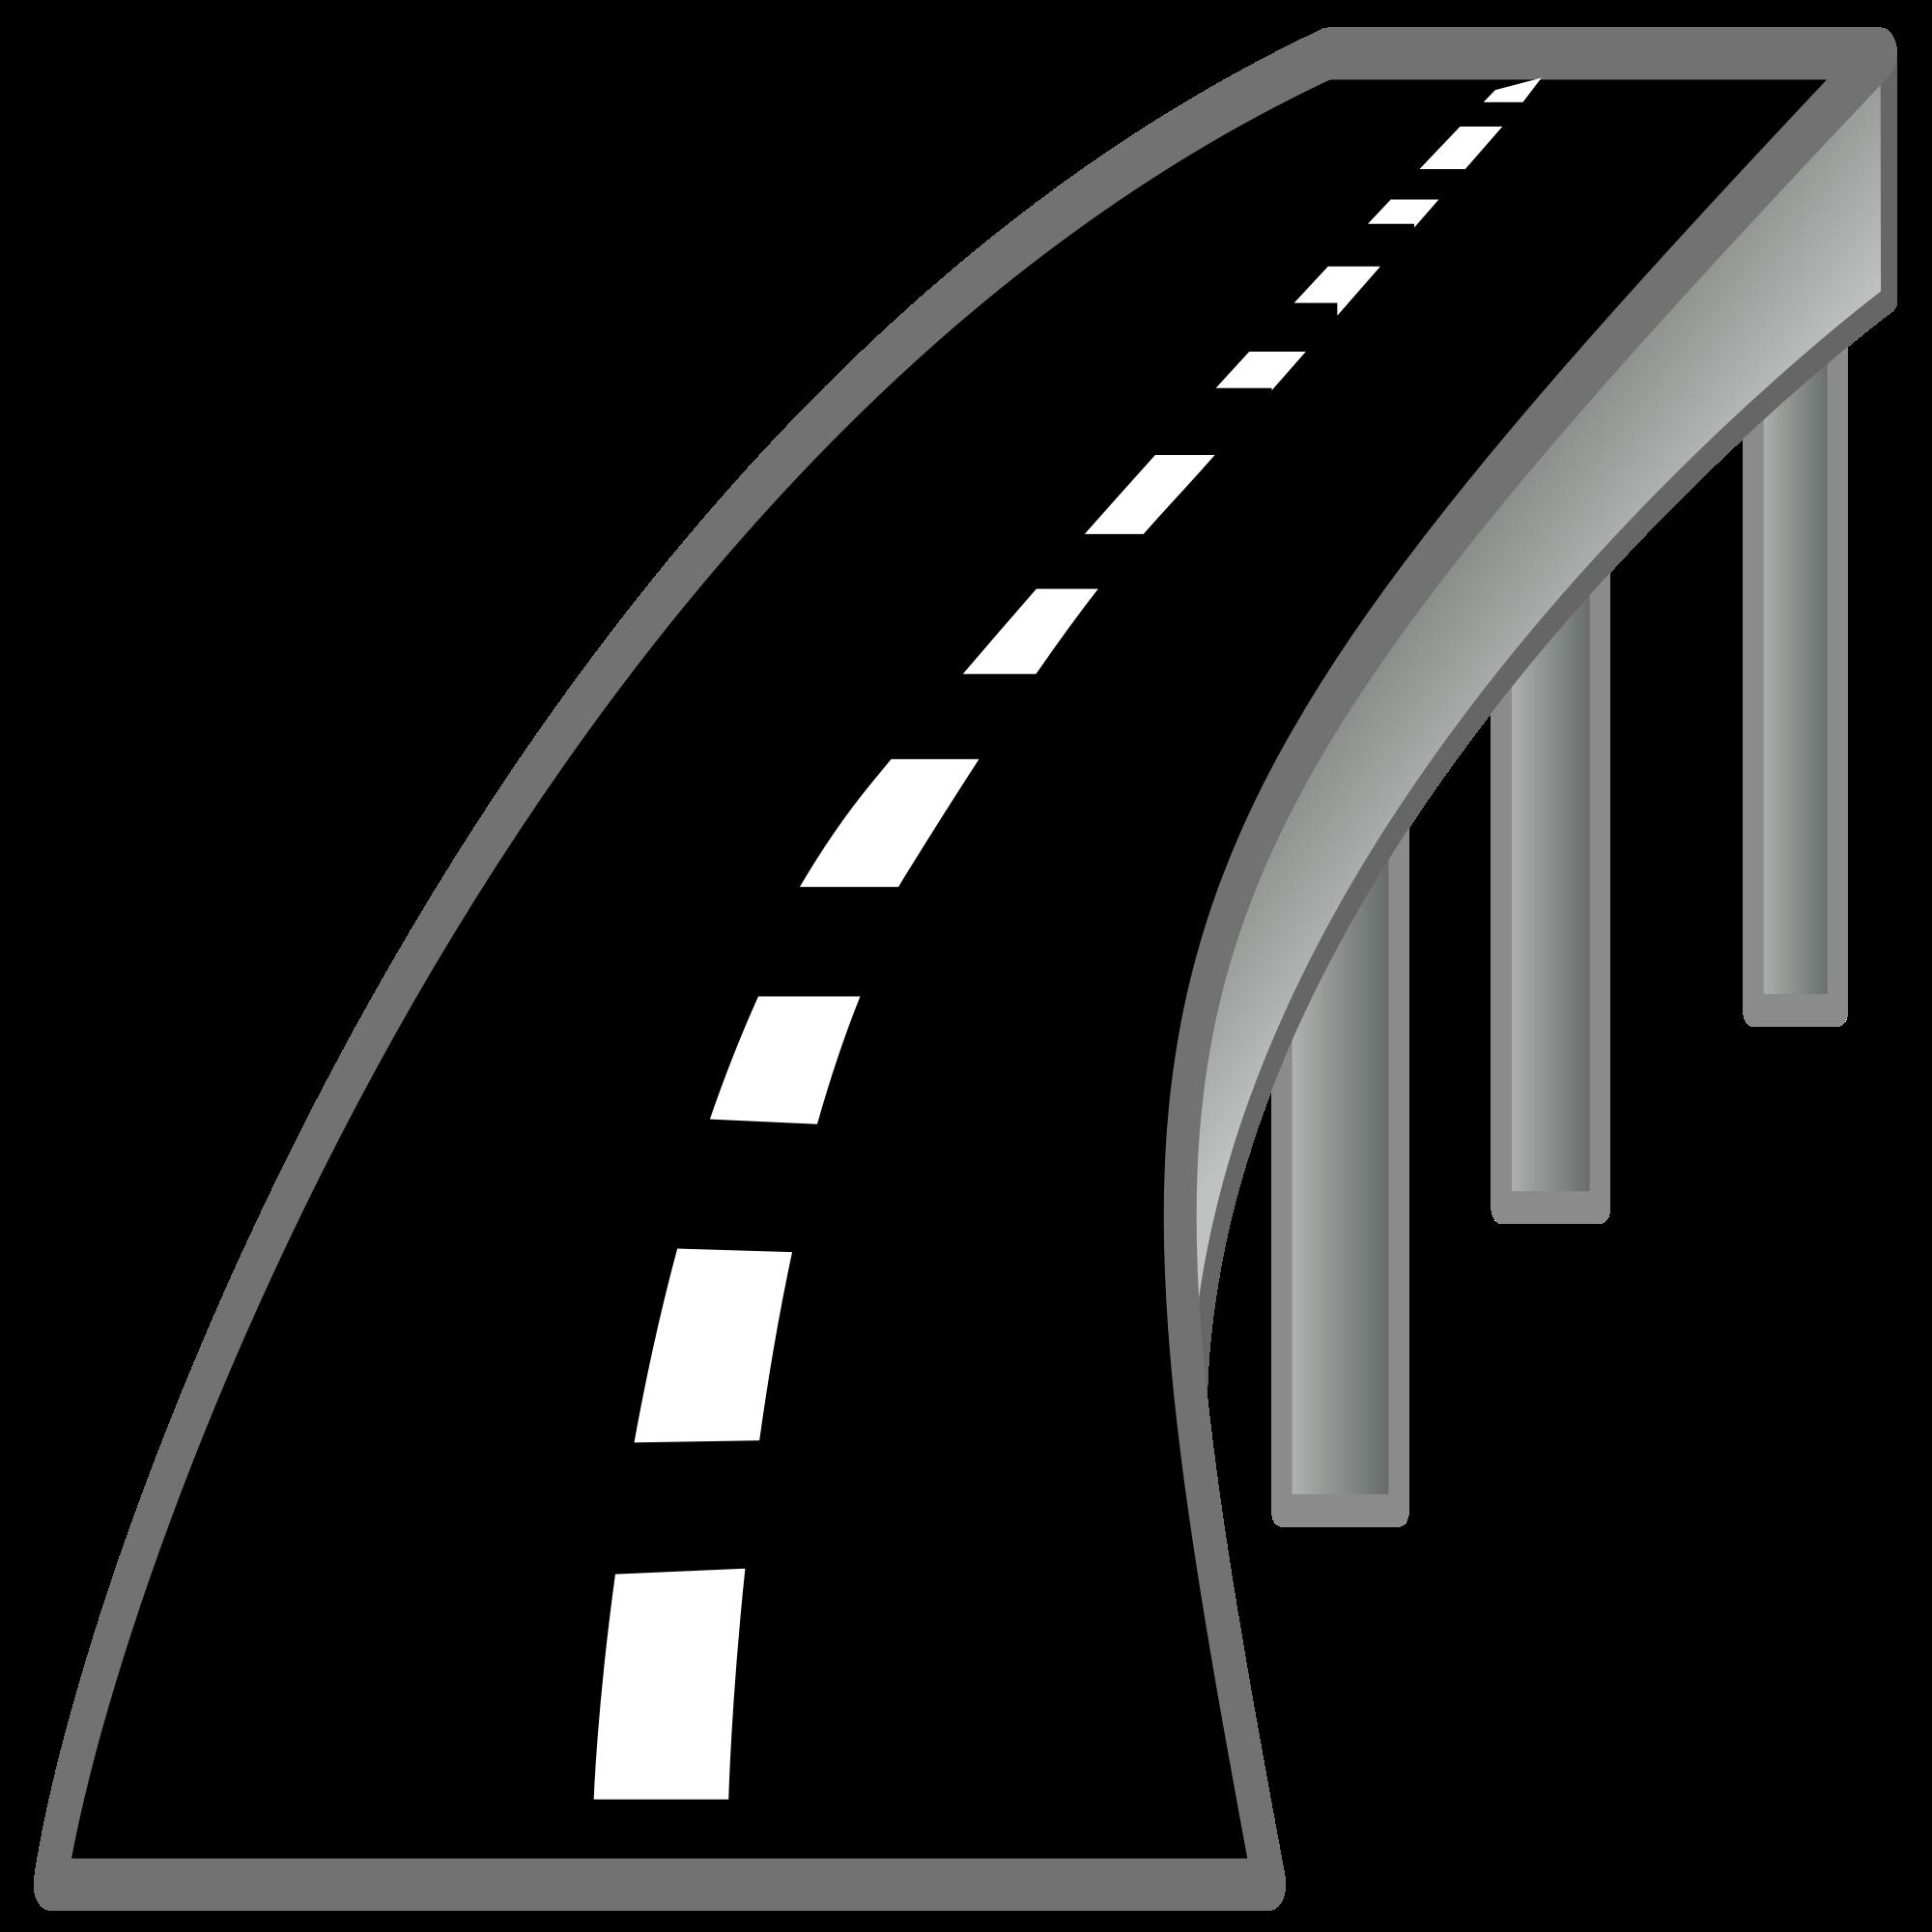 Road Vector Png